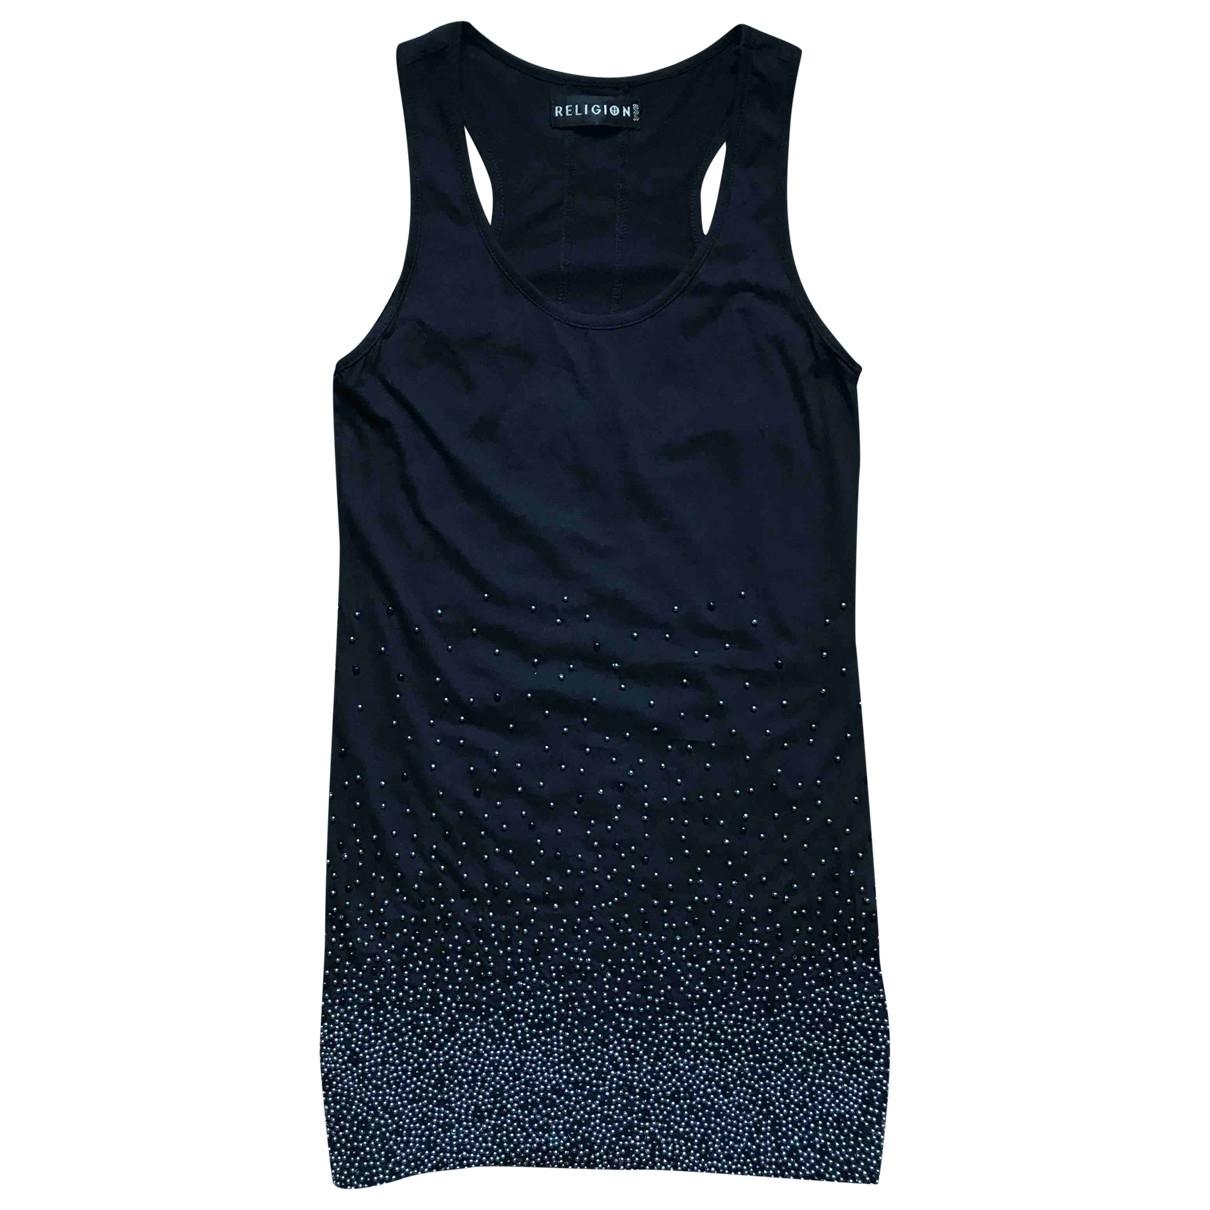 Religion \N Black Cotton dress for Women S International